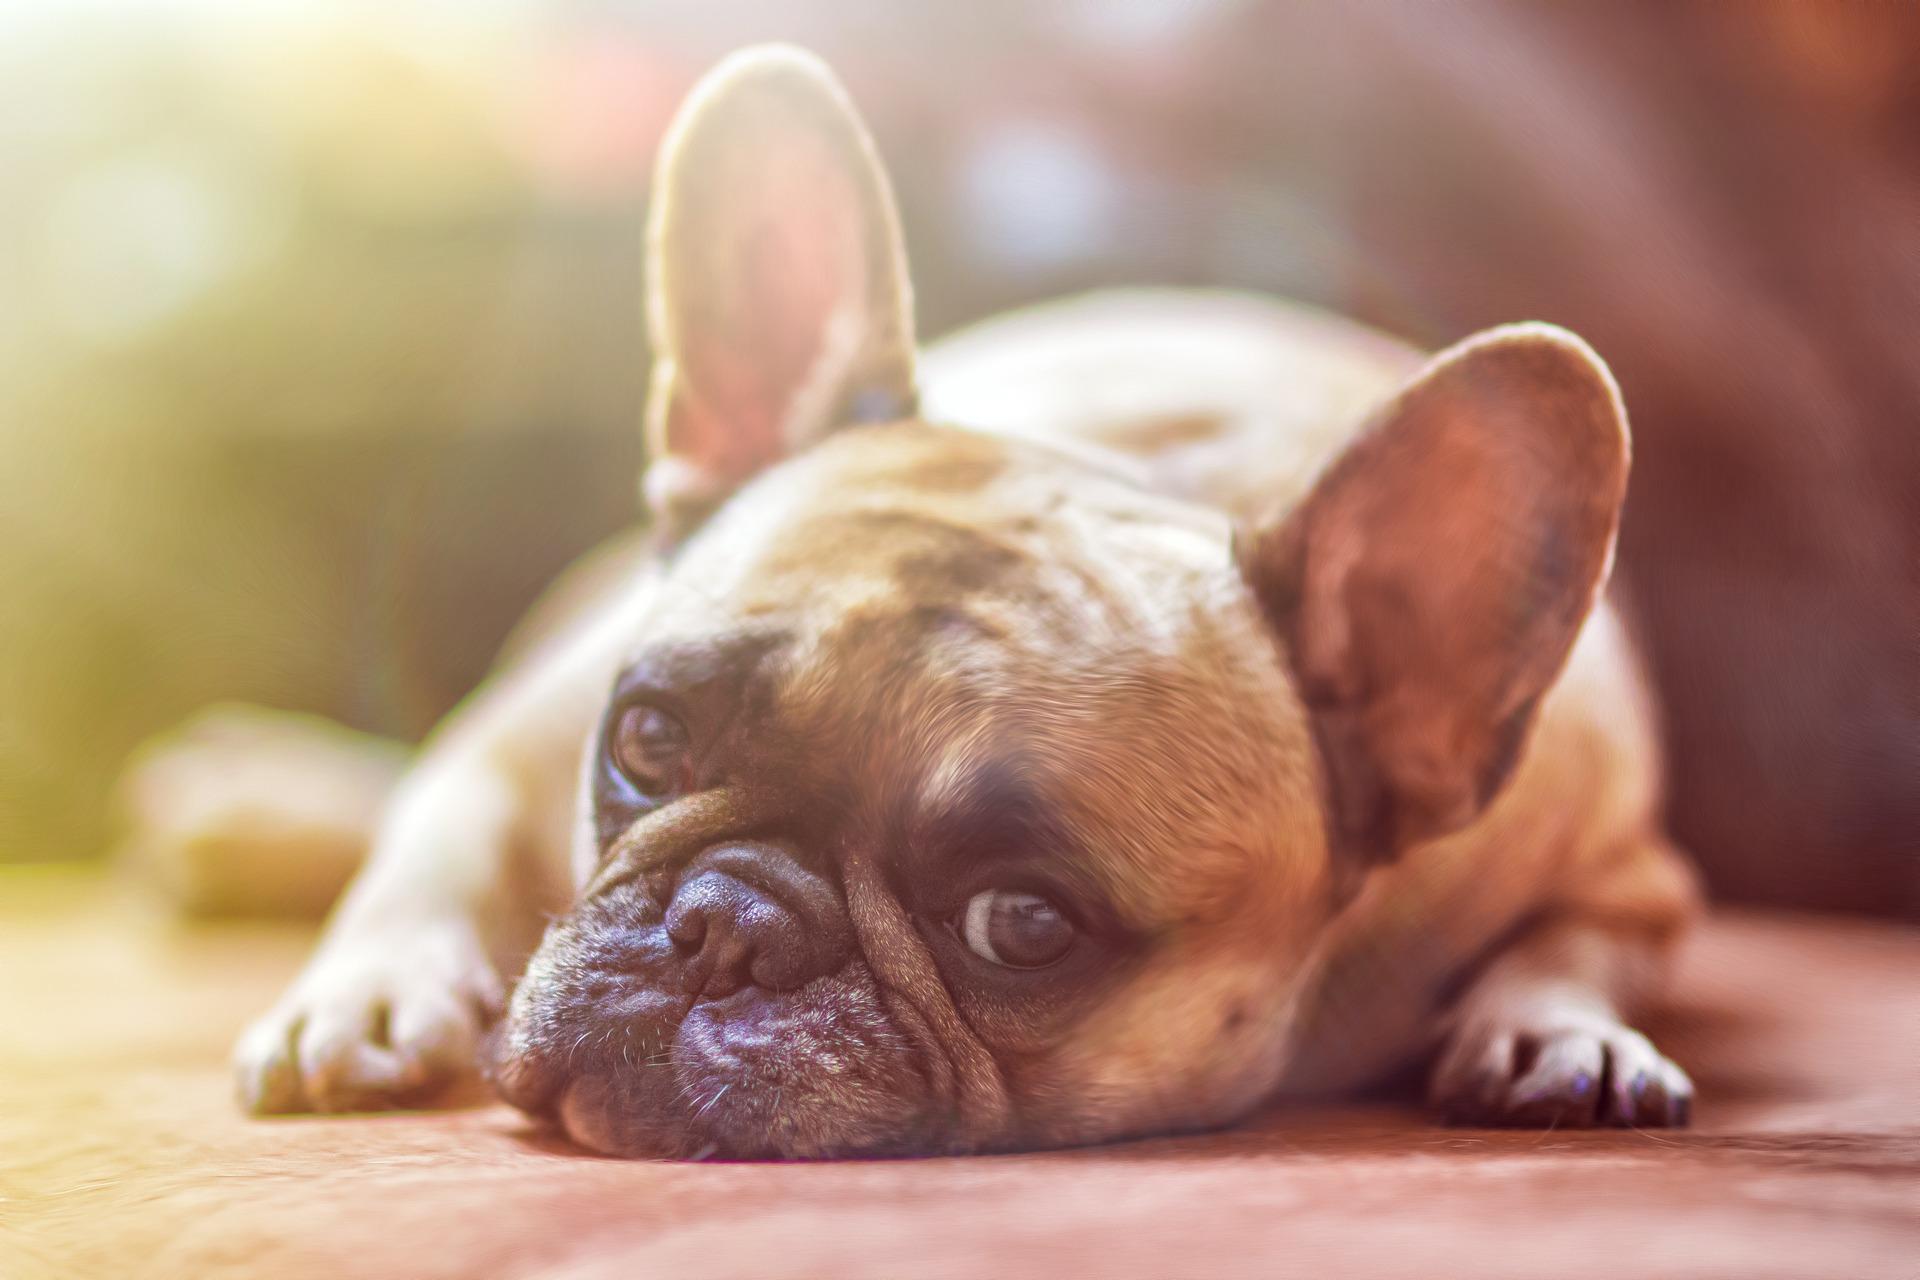 Diese Leitsymptome für Schmerzen beim Hund solltet Ihr kennen (&: bei DIESEM Verhalten sofort zum Tierarzt!)